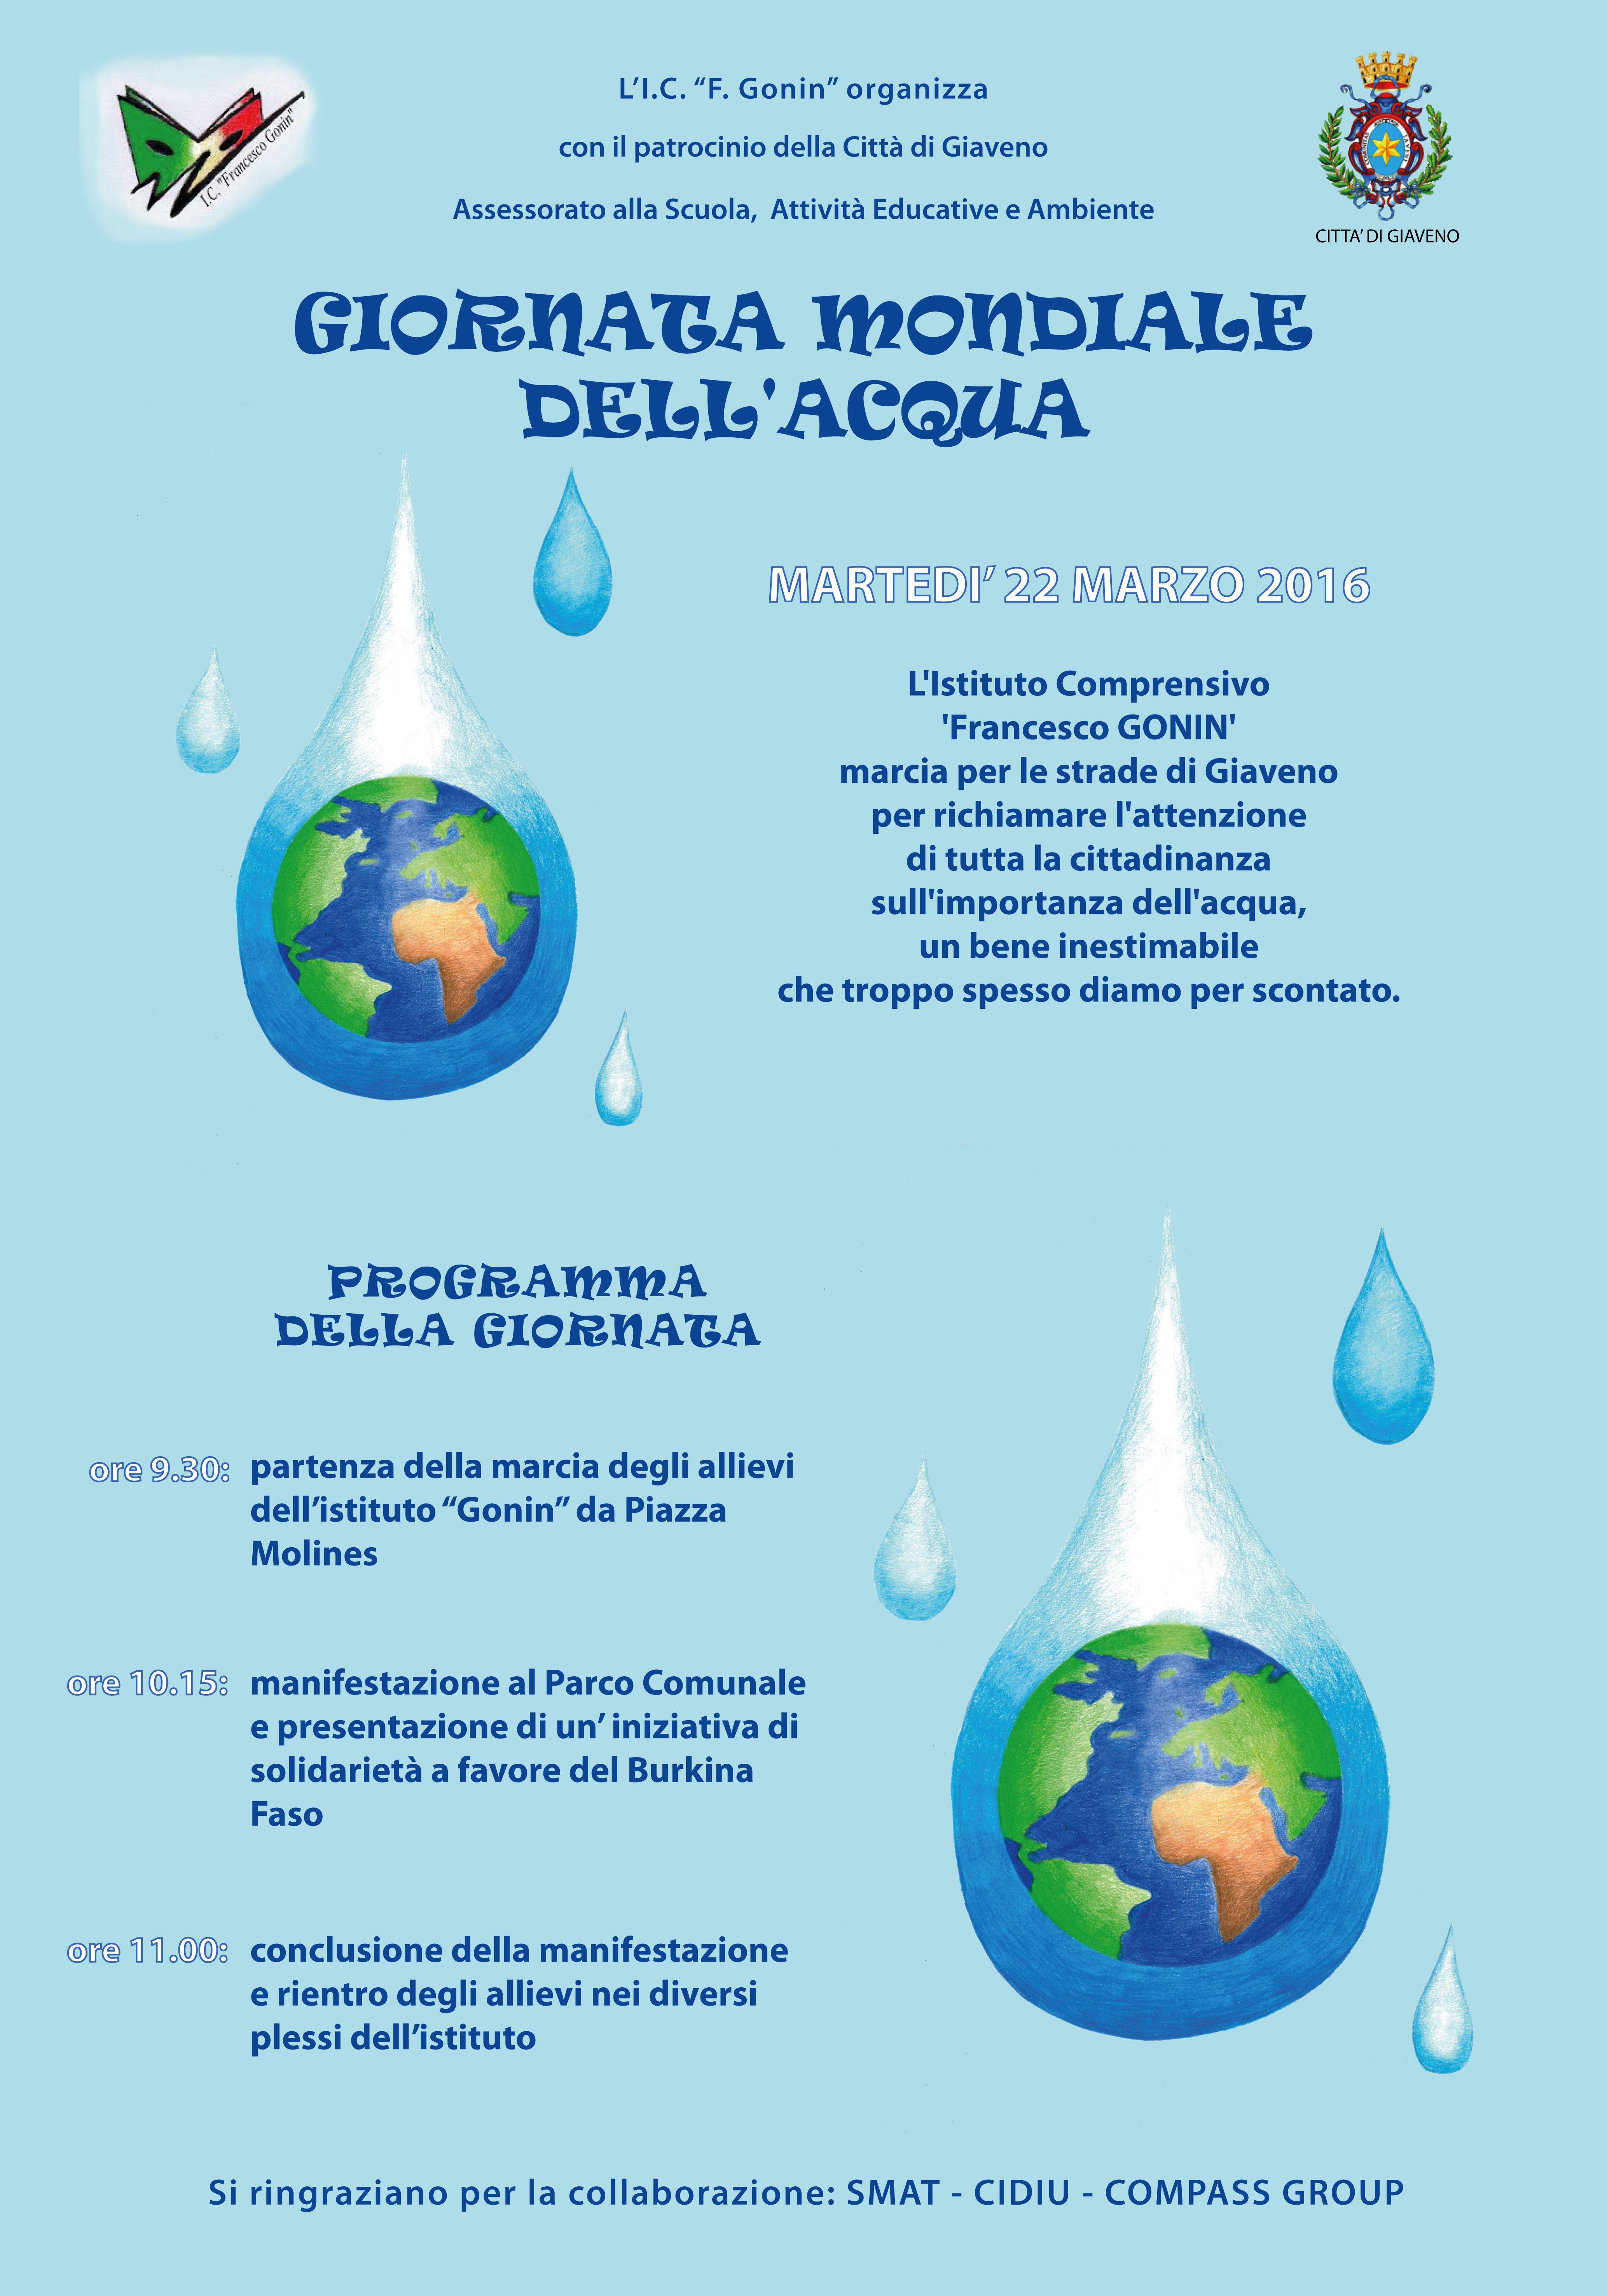 Giornata Mondiale dell'Acqua – martedì 22 marzo 2016